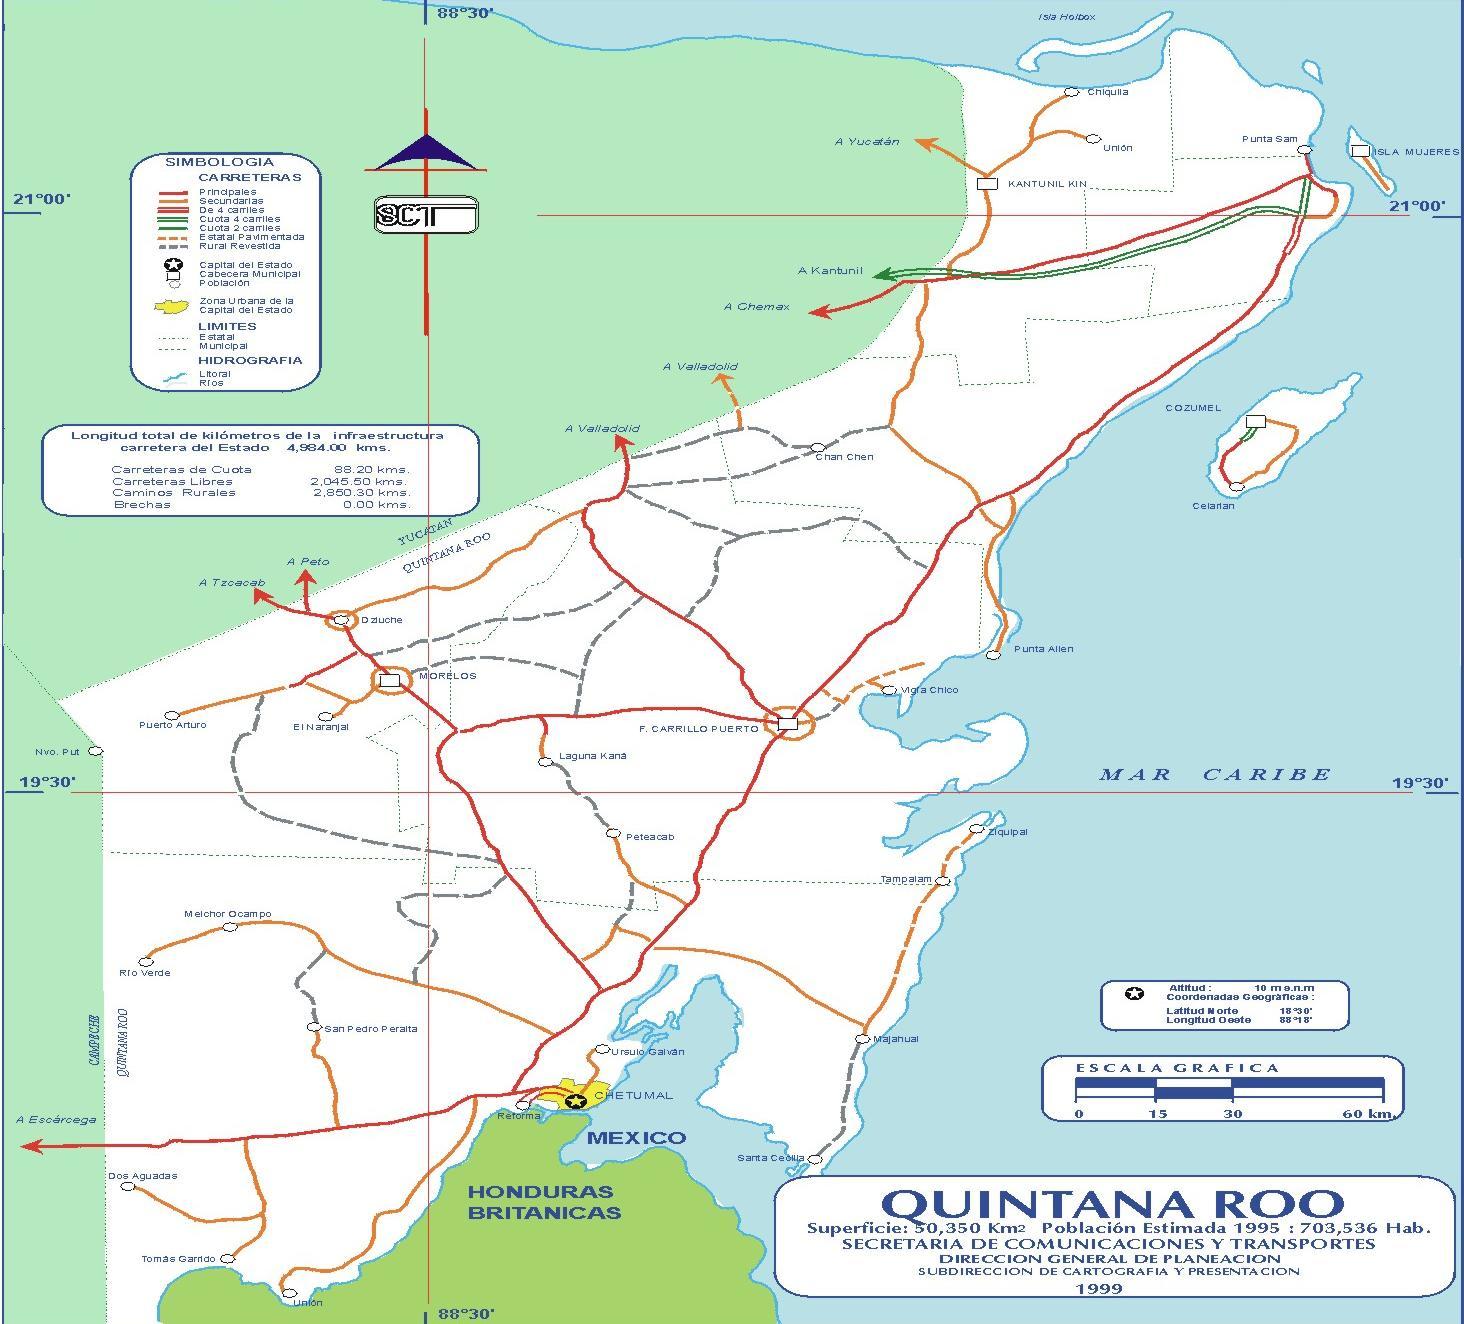 Mapa de Quintana Roo (Estado), Mexico